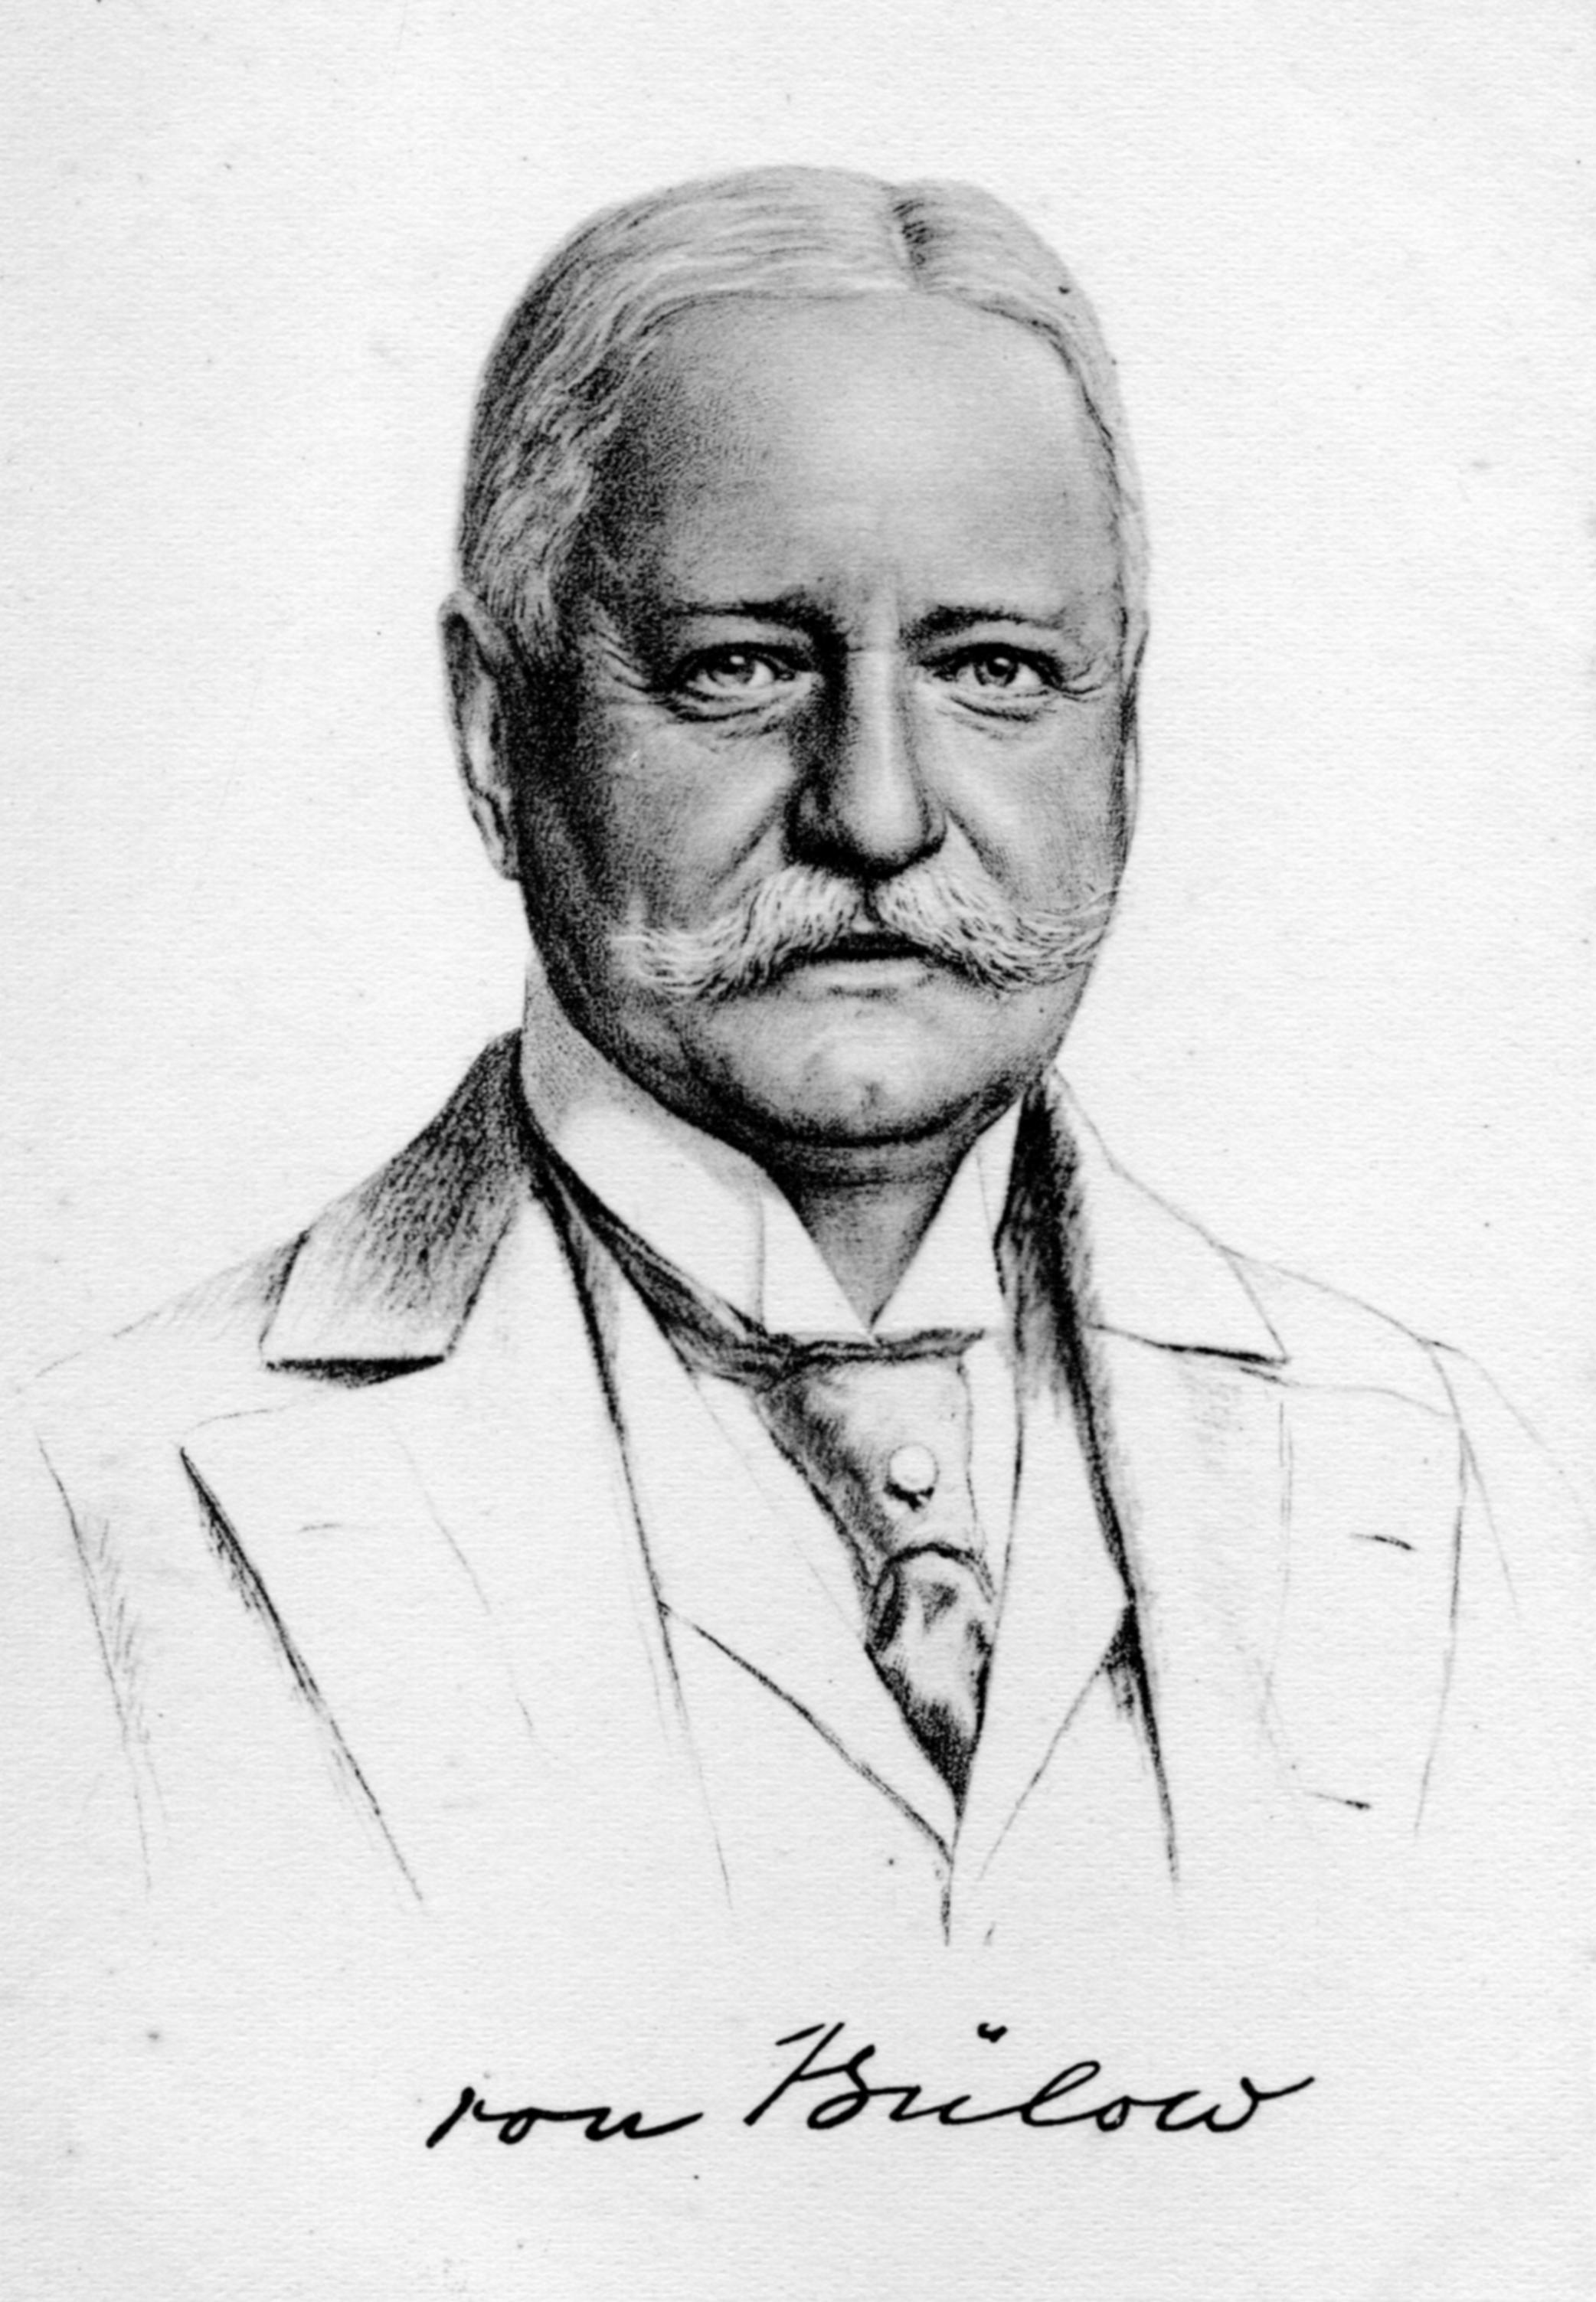 """Résultat de recherche d'images pour """"Reichstag par le Chancelier allemand Theobald von Bethmann-Hollweg"""""""